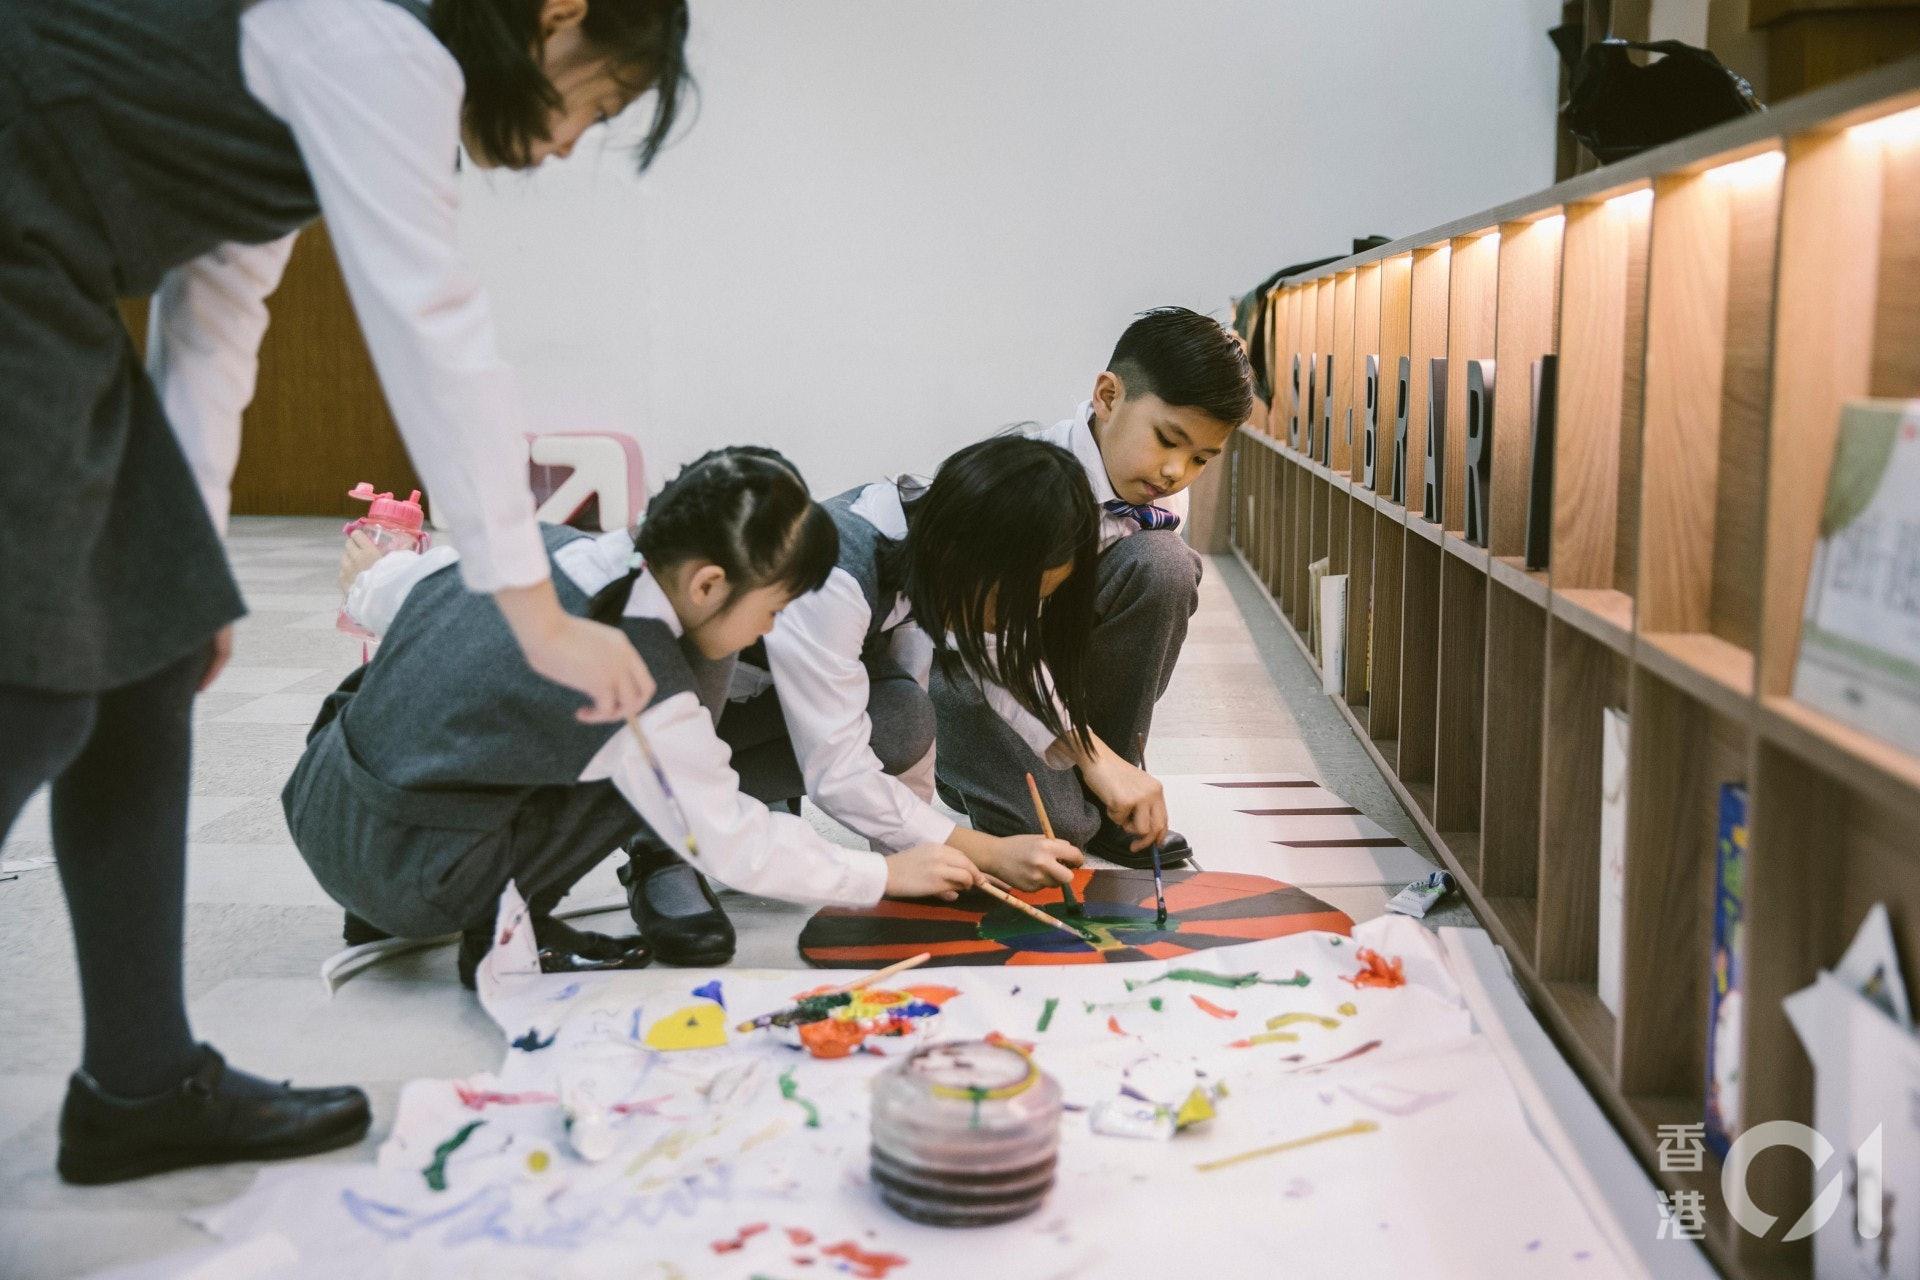 放學以後,學生們用顏料在紙皮上塗出圖案,畫出花車的車輪。(鄭子峰攝)